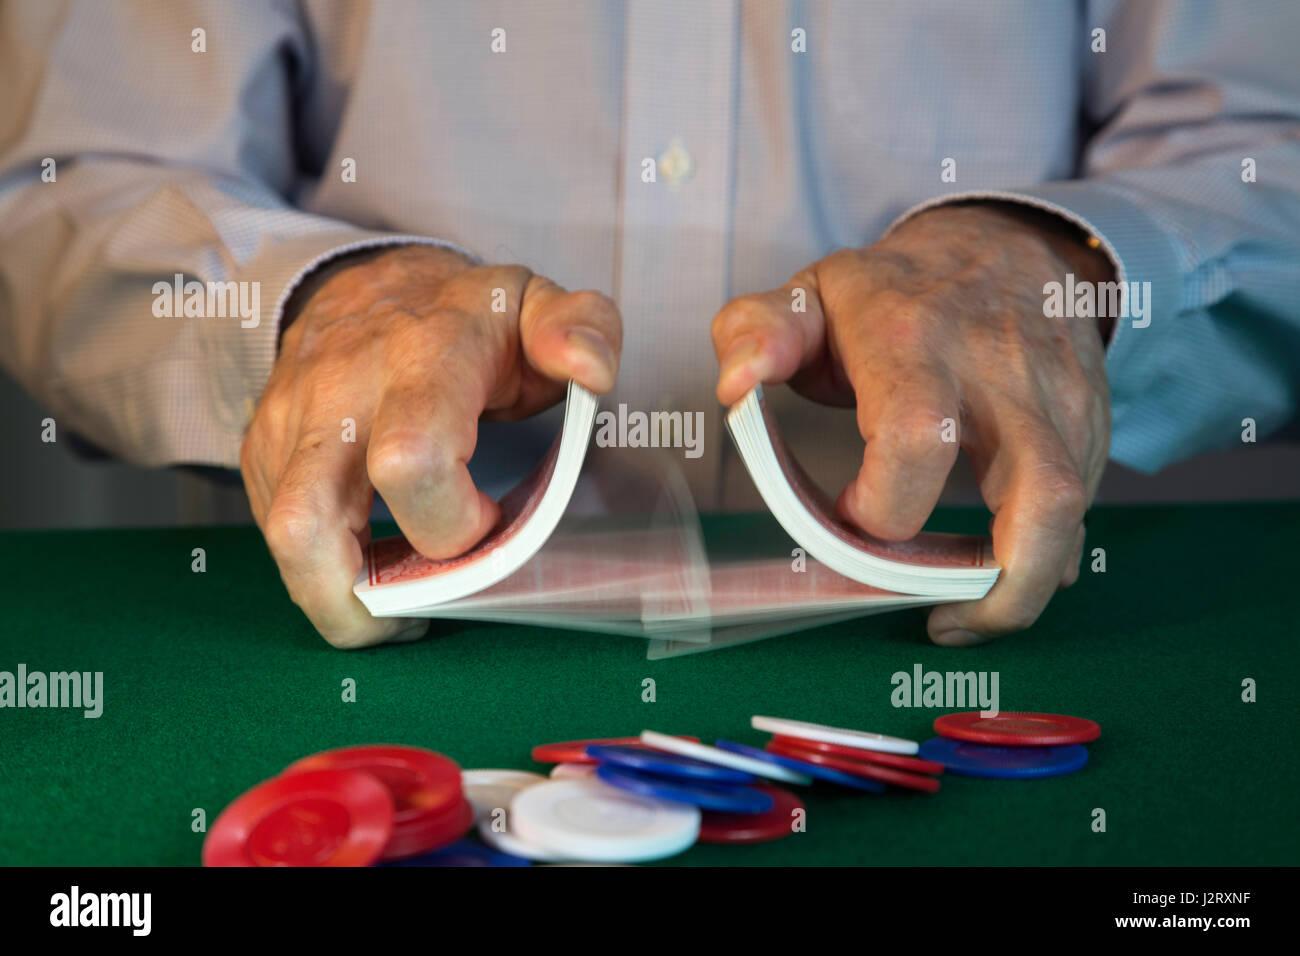 Man Shuffling Cards Dealing at Poker Game, USA - Stock Image